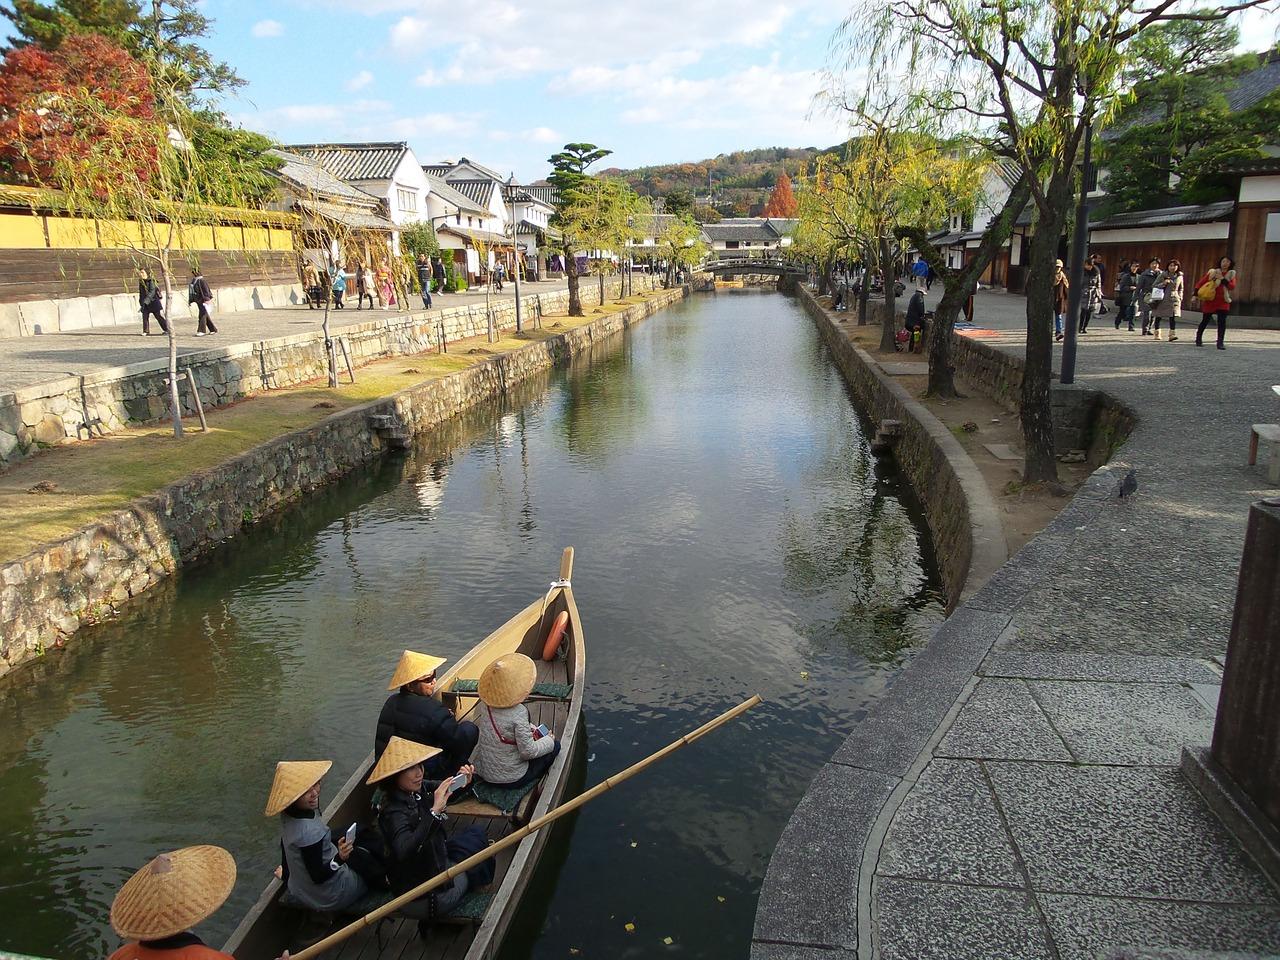 kurashiki-kawagoe il mio viaggio in giappone traveltherapists blog giappone miglior blog di viaggio